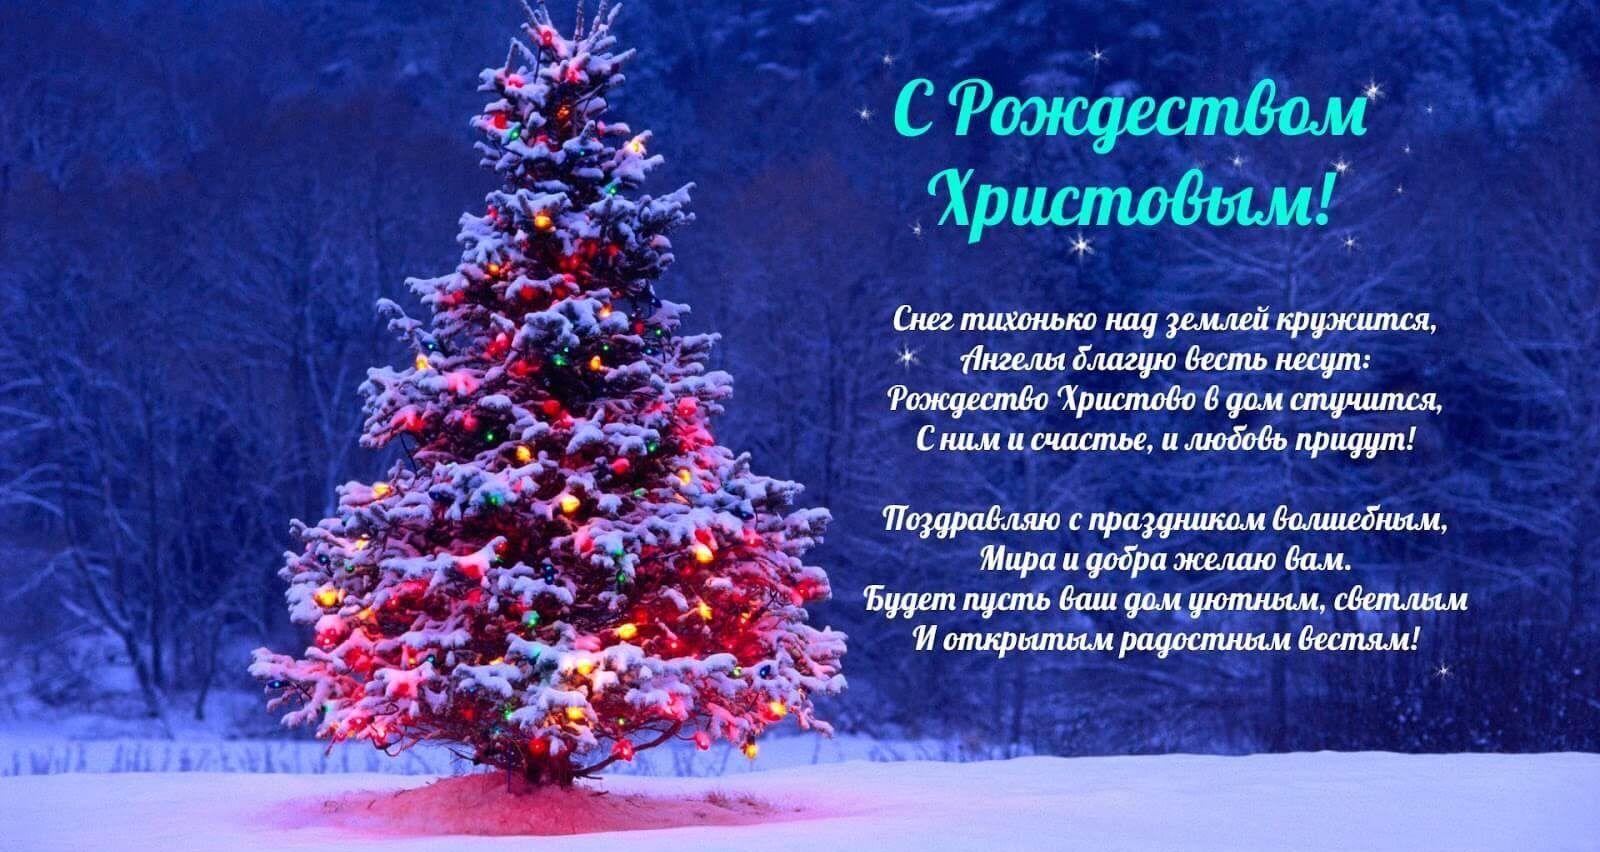 Пожелания в Рождество Христово